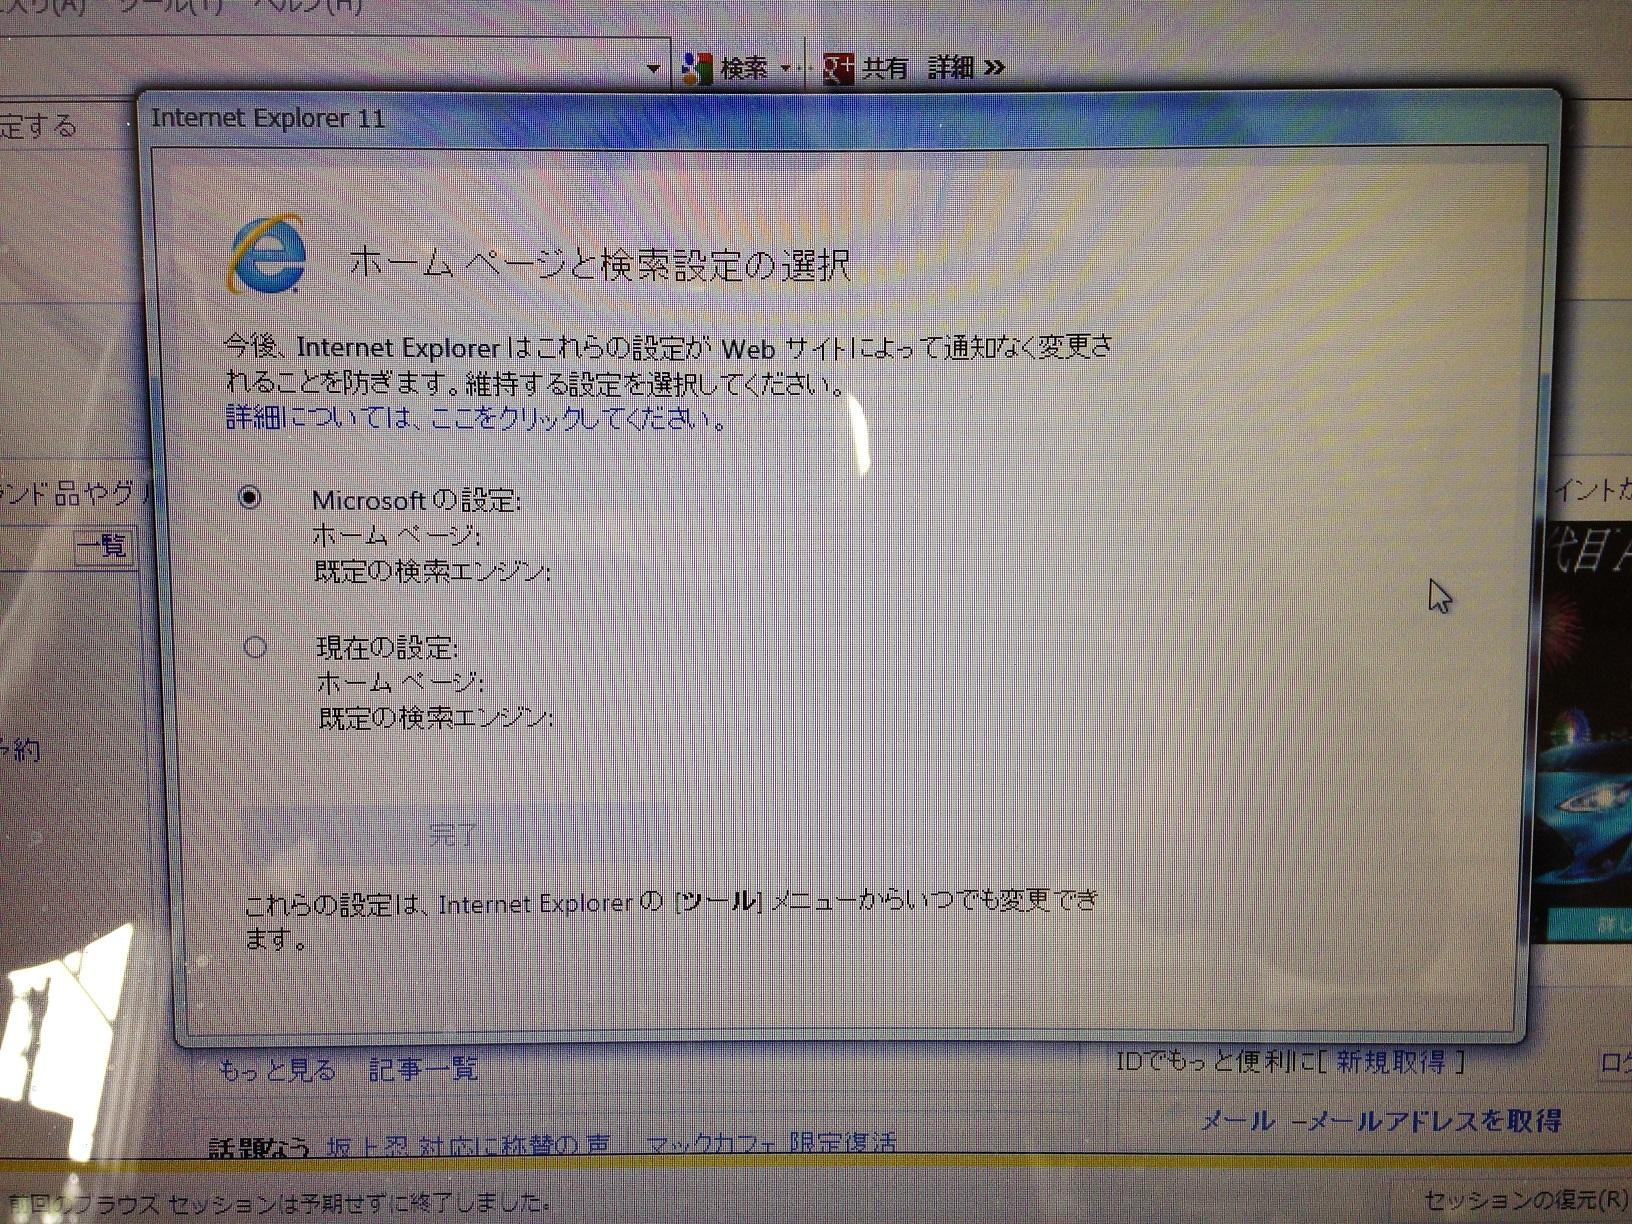 IE11「ホームページと検索設定の選択」で完了できない